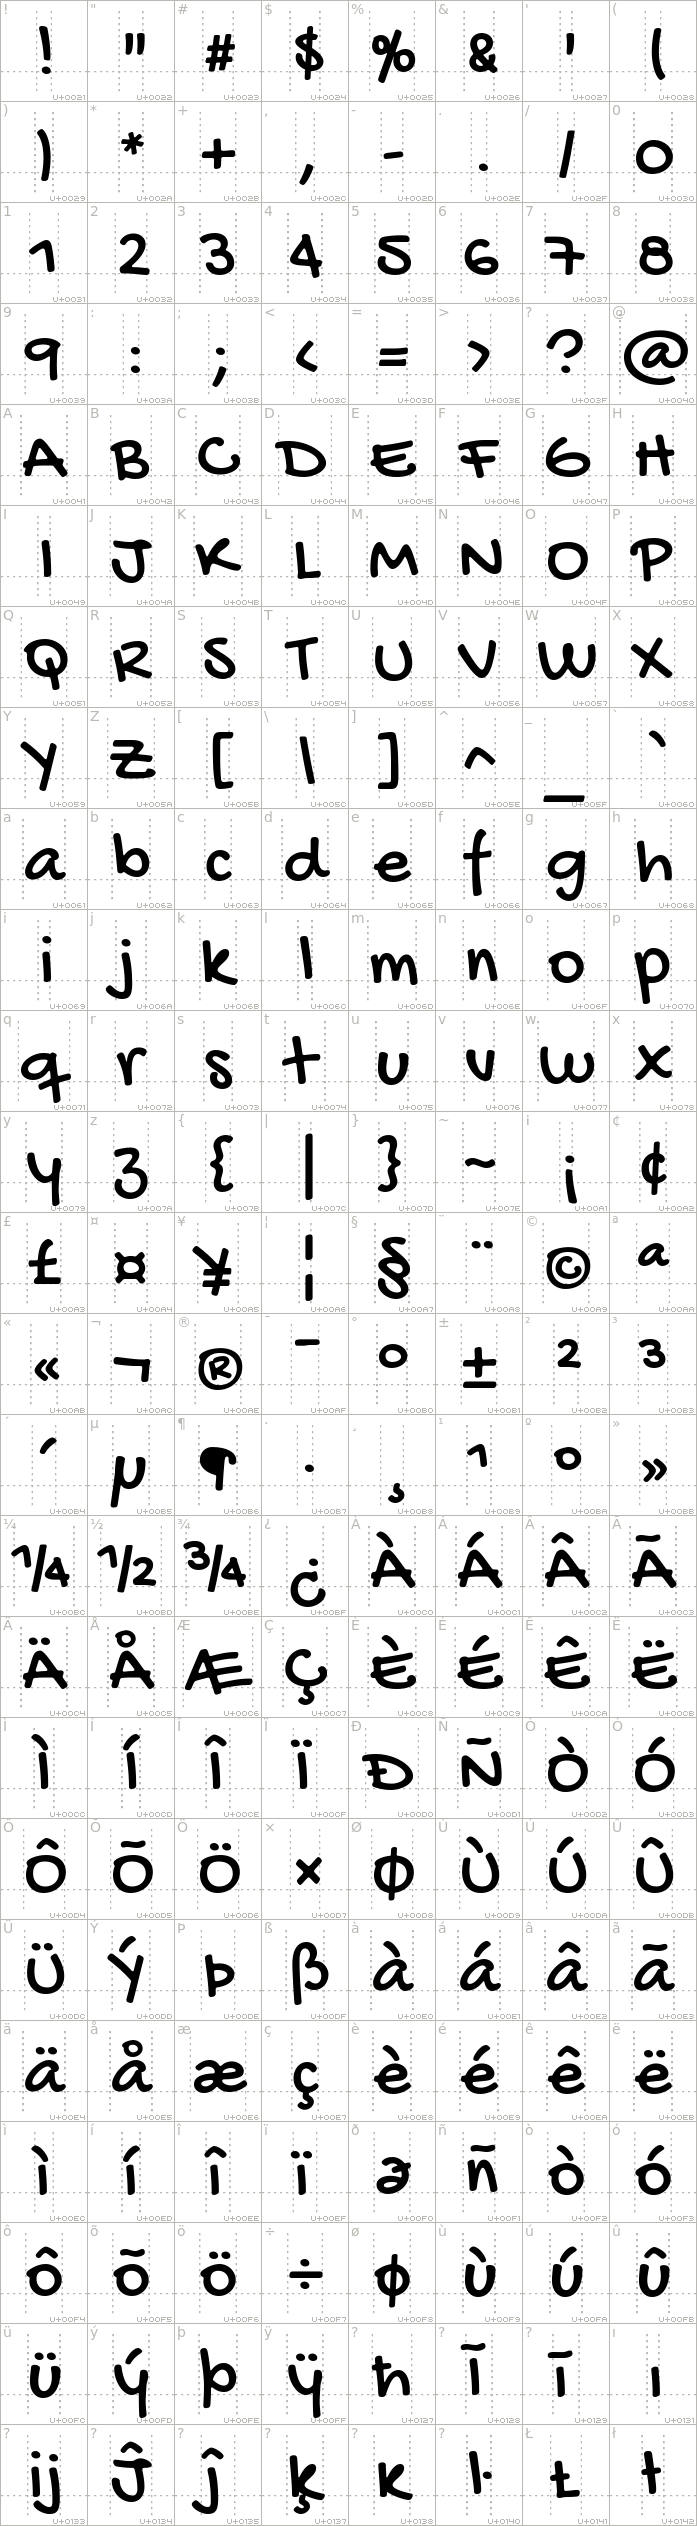 gochi-hand.regular.character-map-1